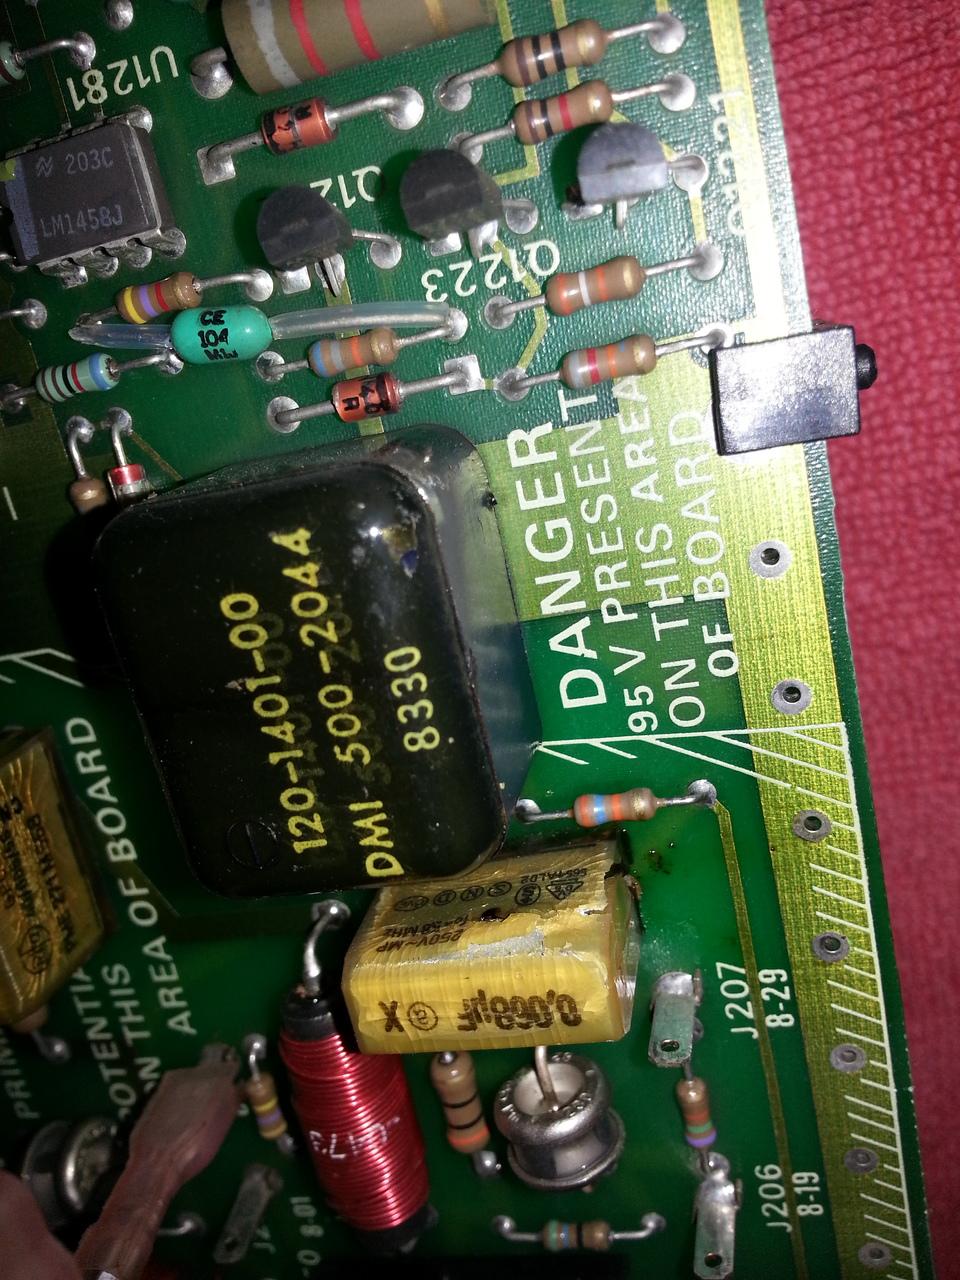 Dead C1018 capacitor.